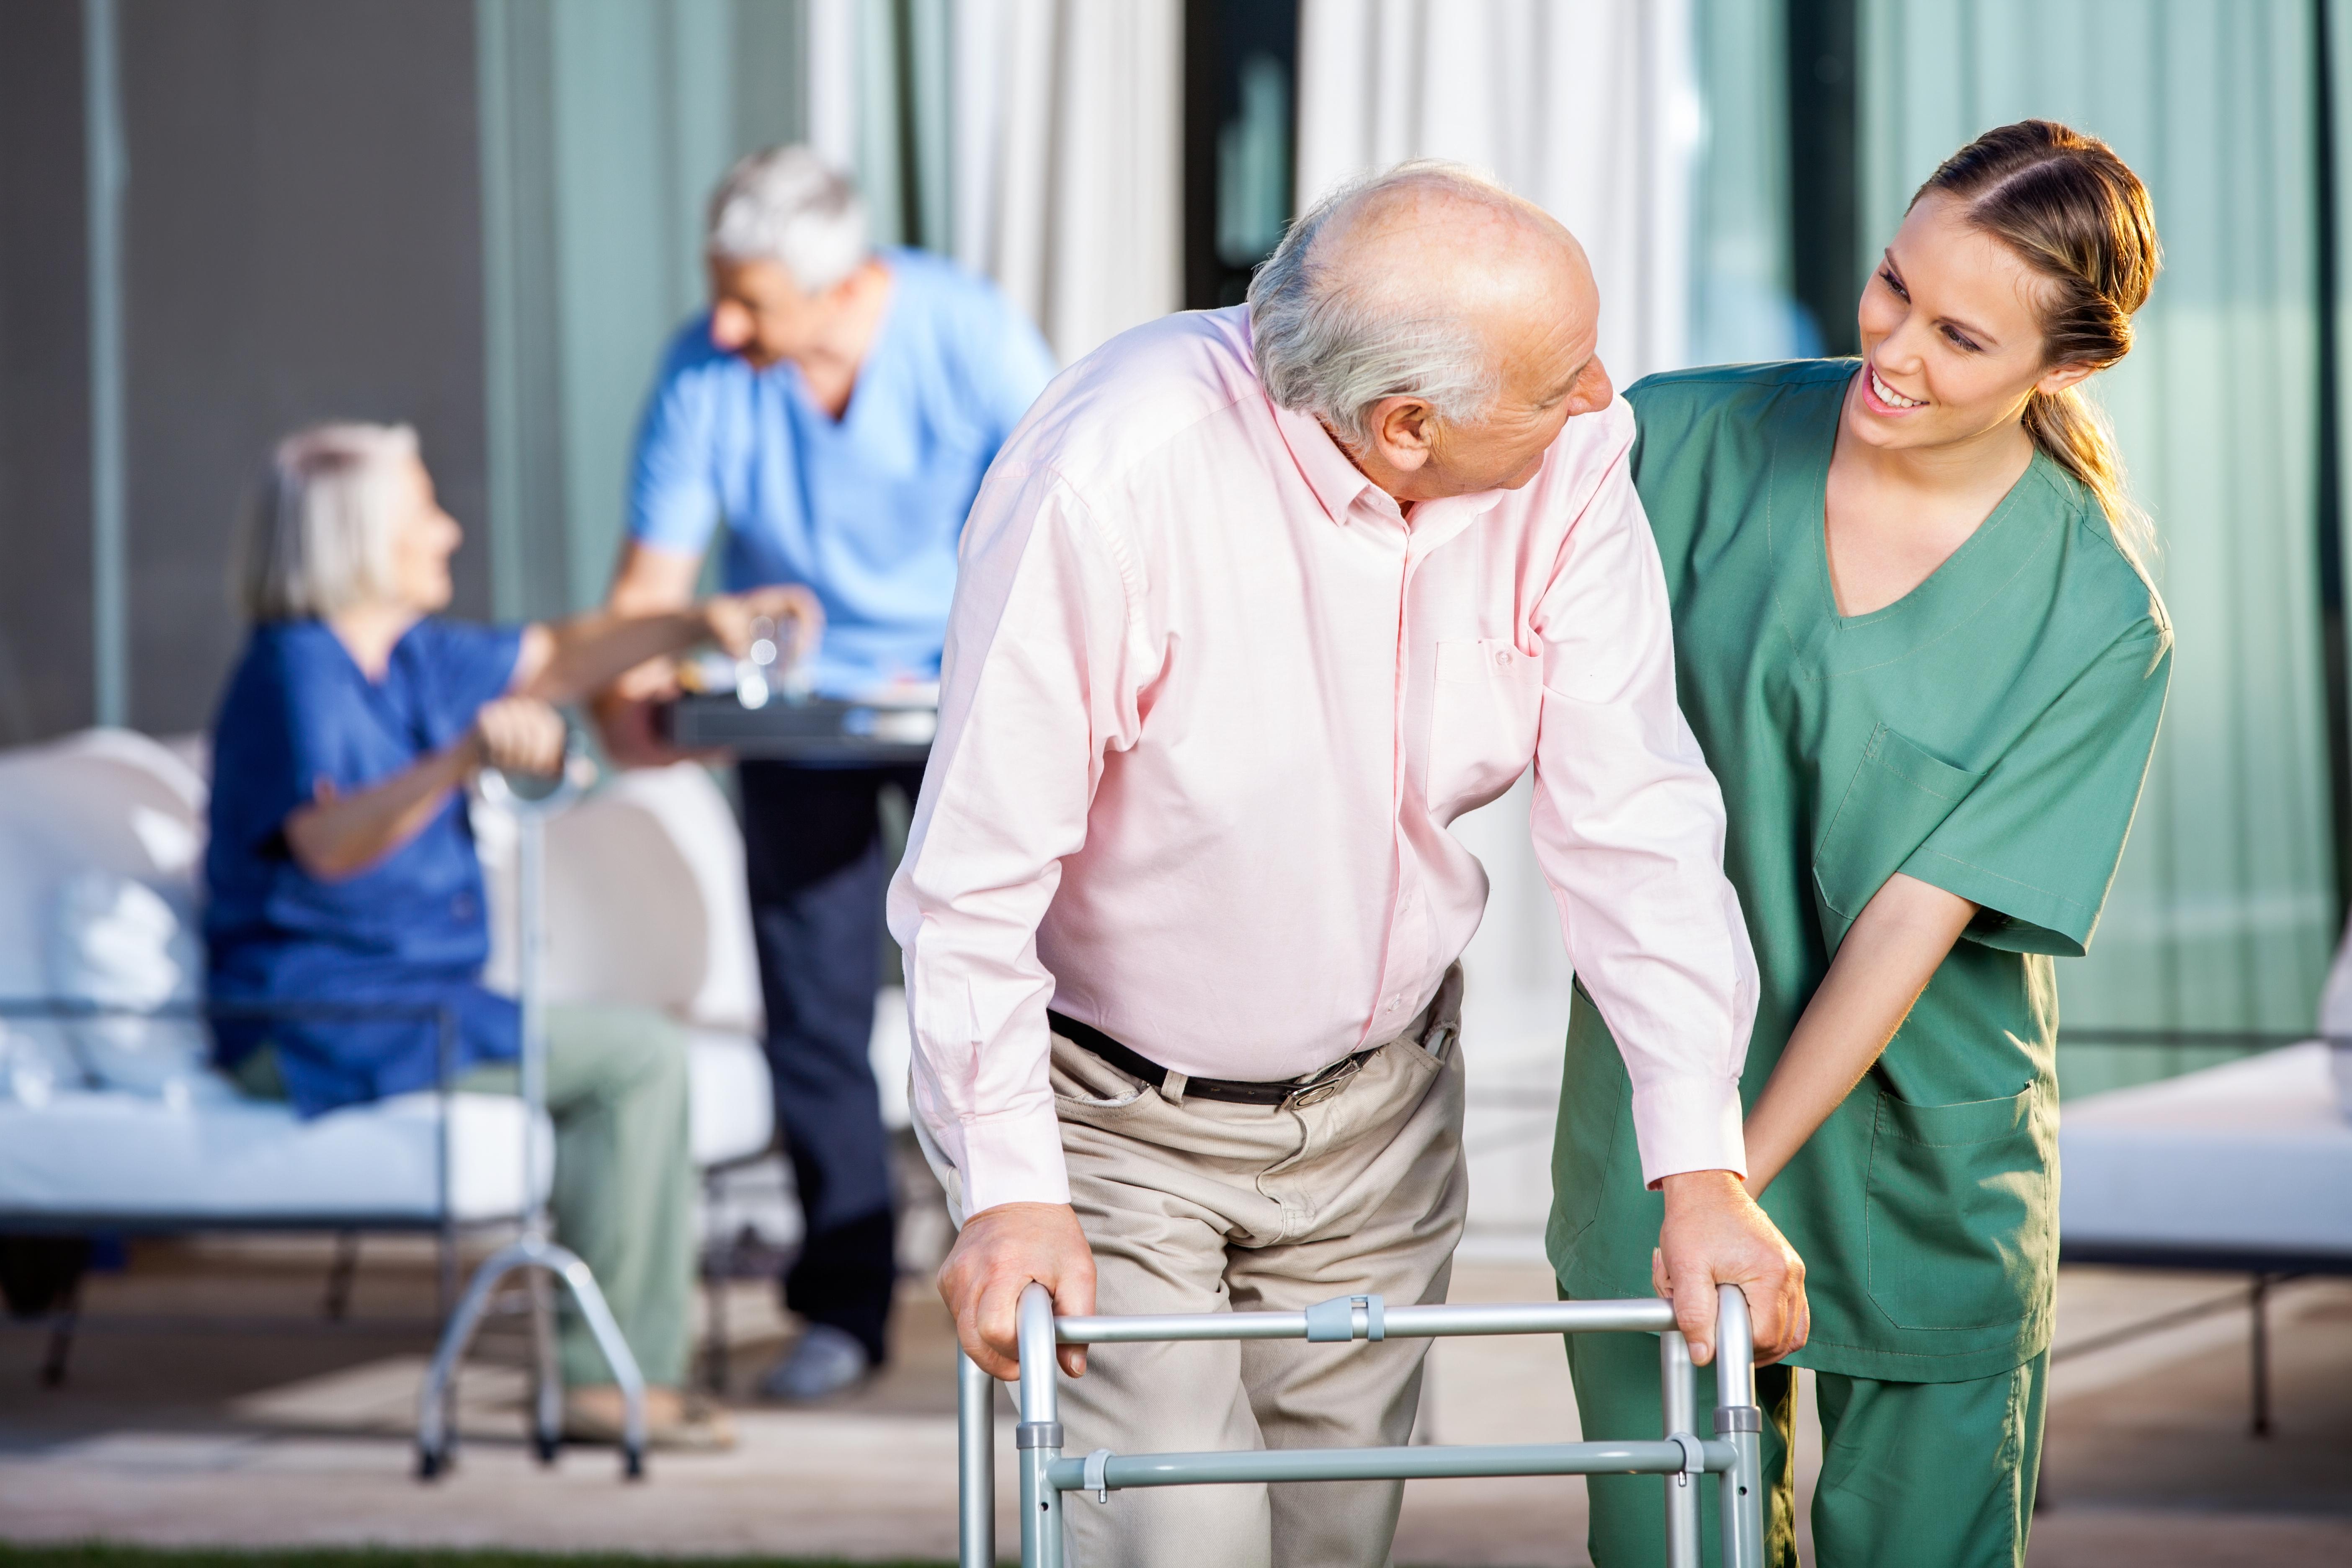 Störst förtroende för hälso- och sjukvården har de som bor i Kalmar, Jönköping och Örebro.